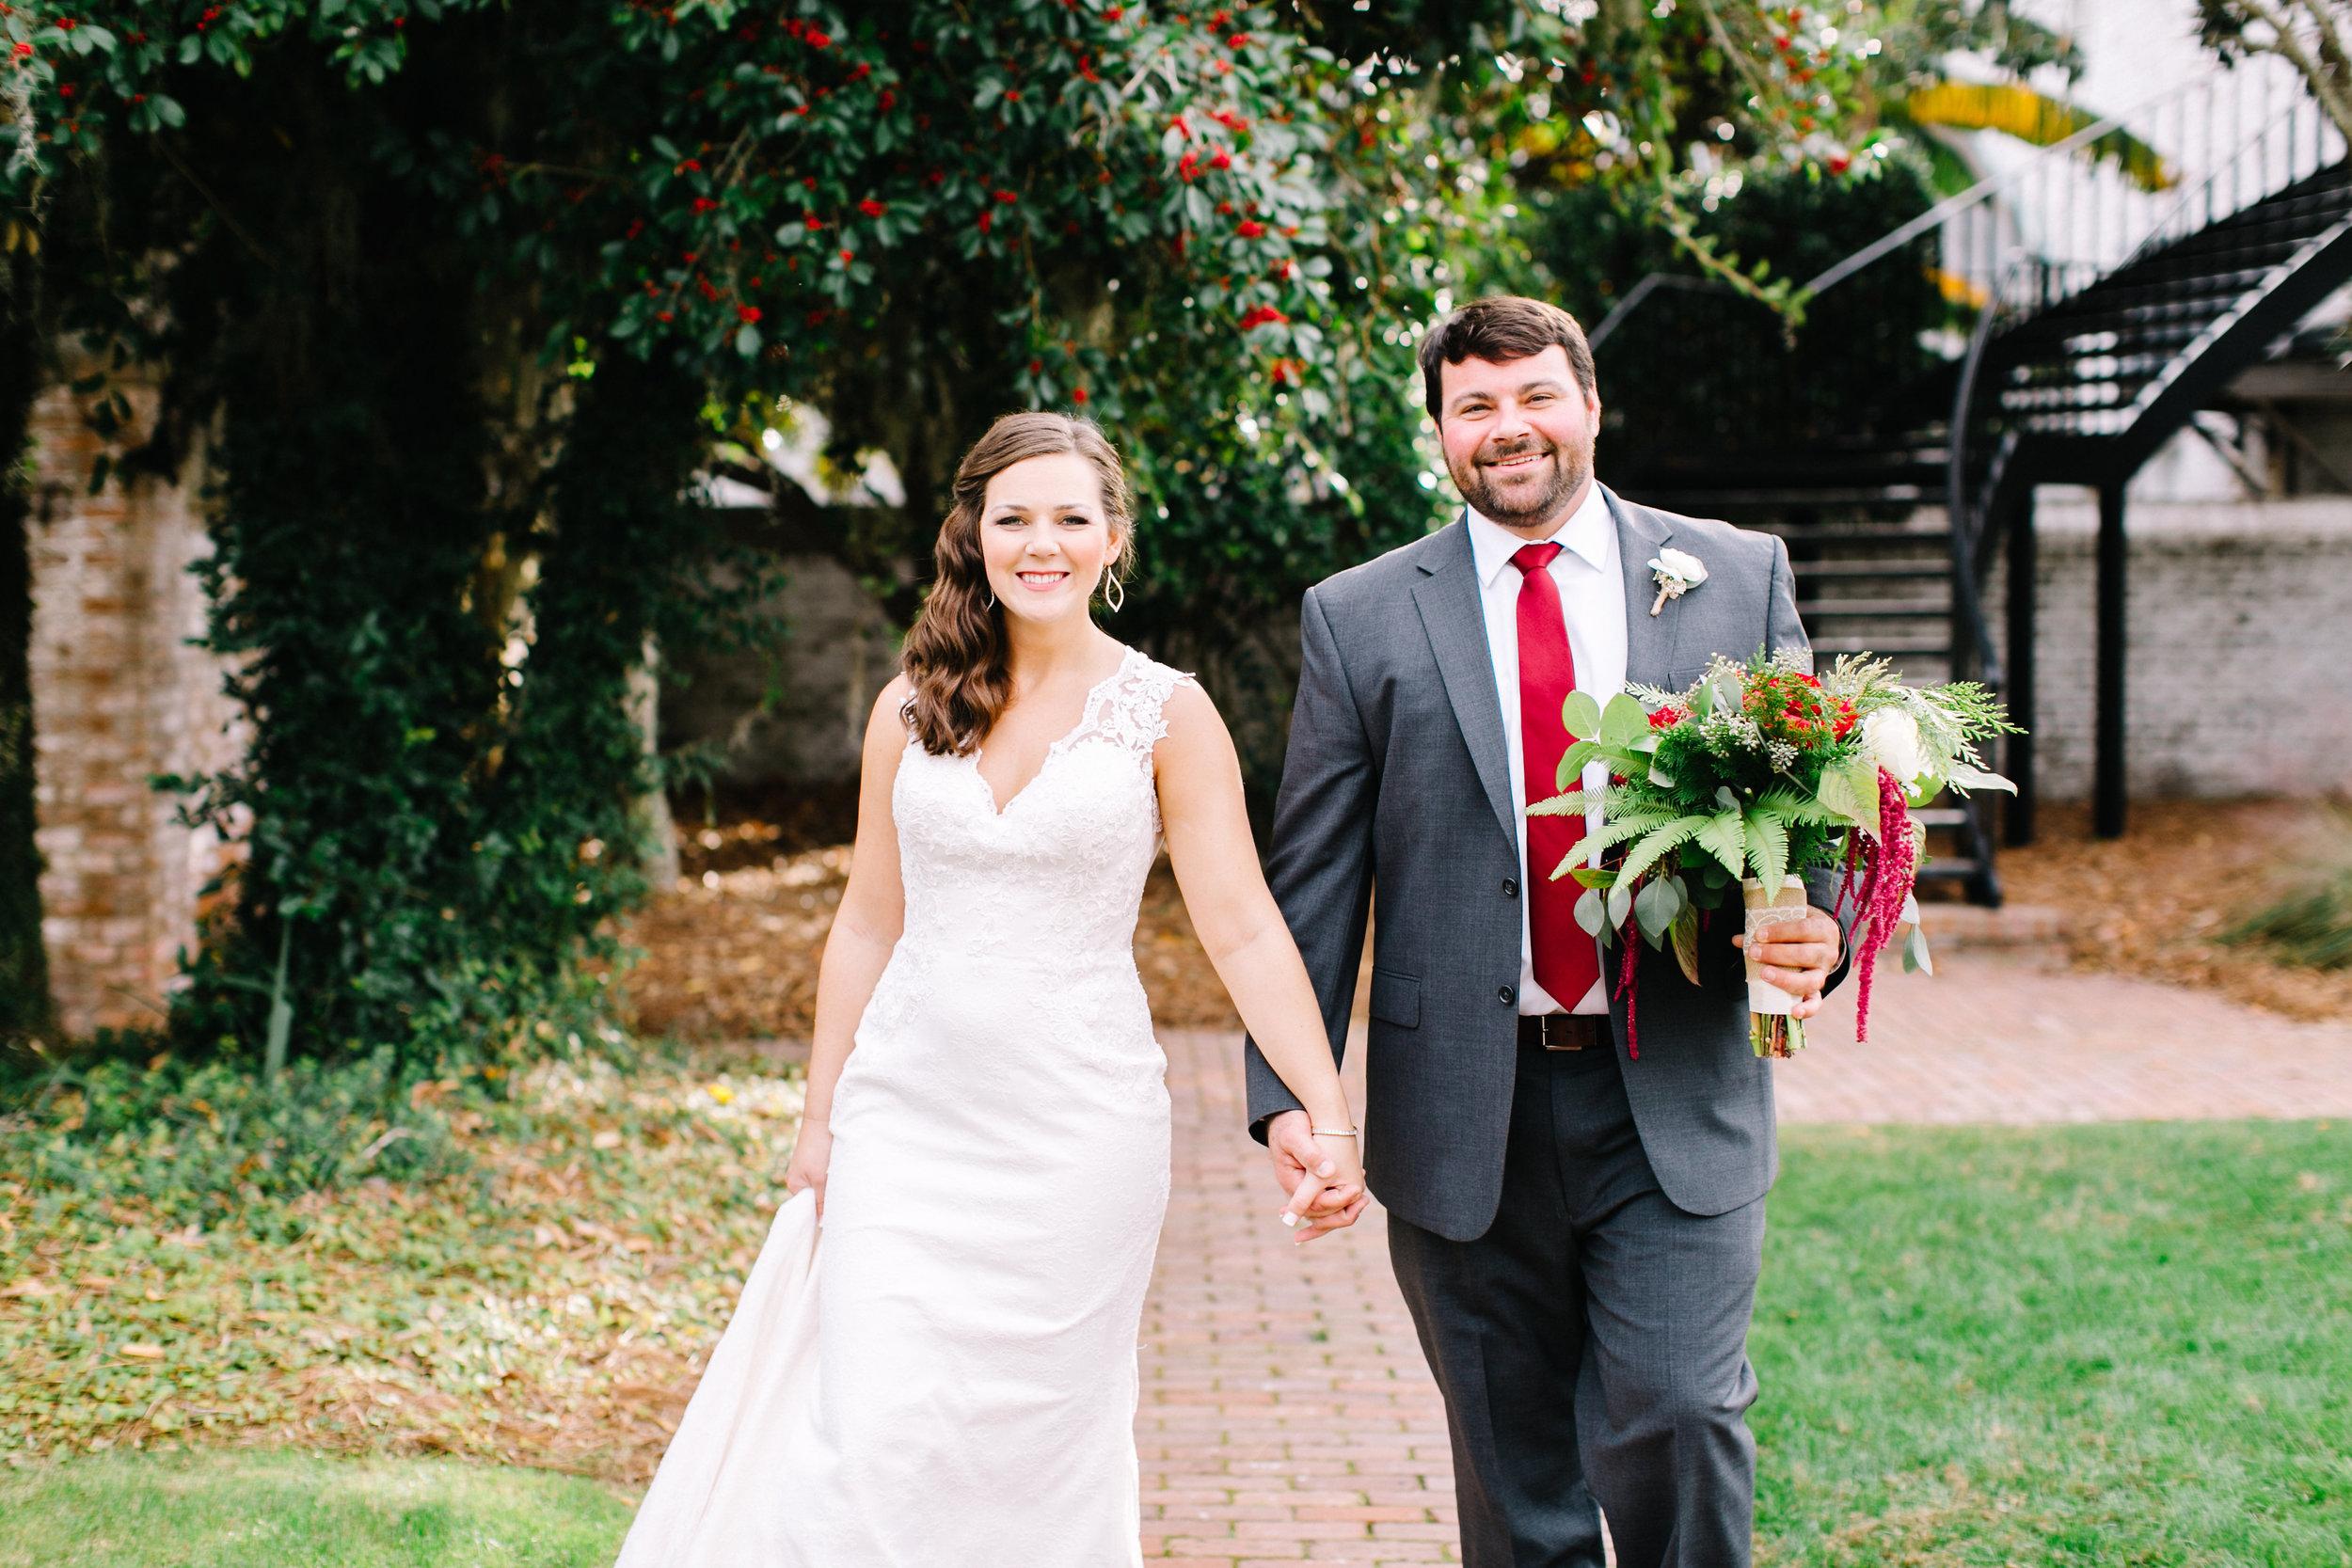 dunes-west-wedding-12.jpg